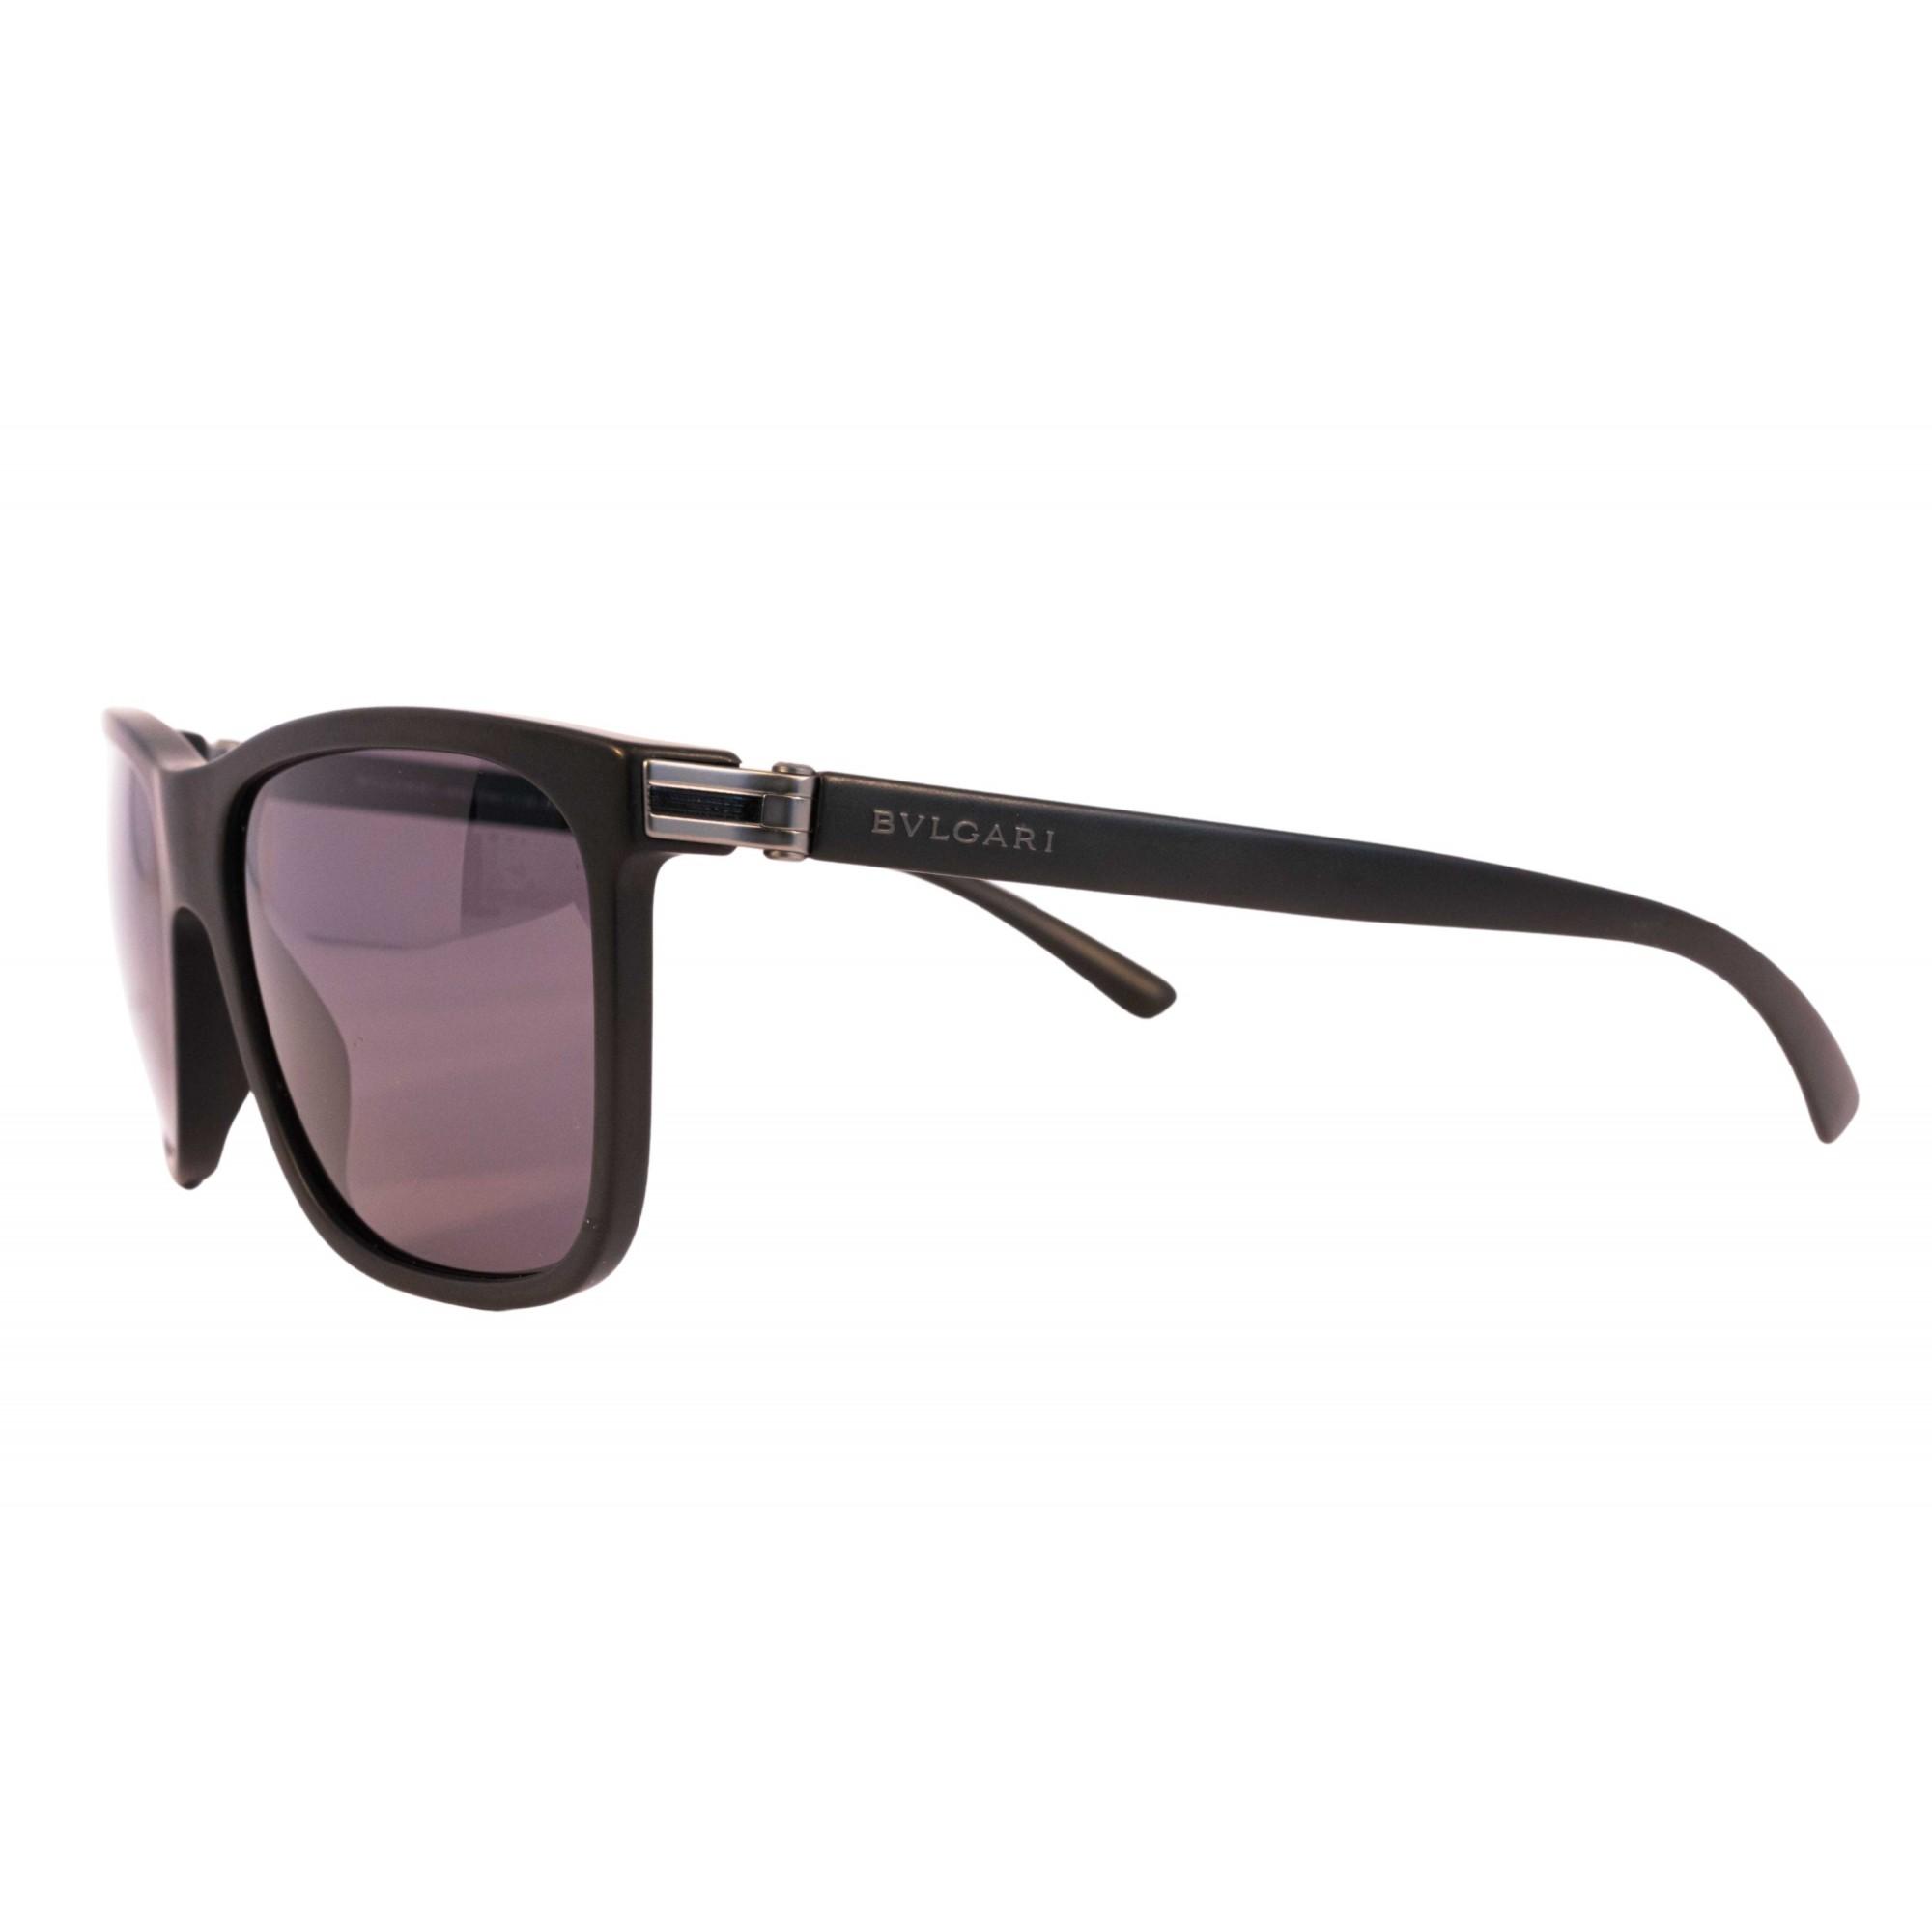 Óculos Bvlgari Clássico bv7027 531381 57 Preto